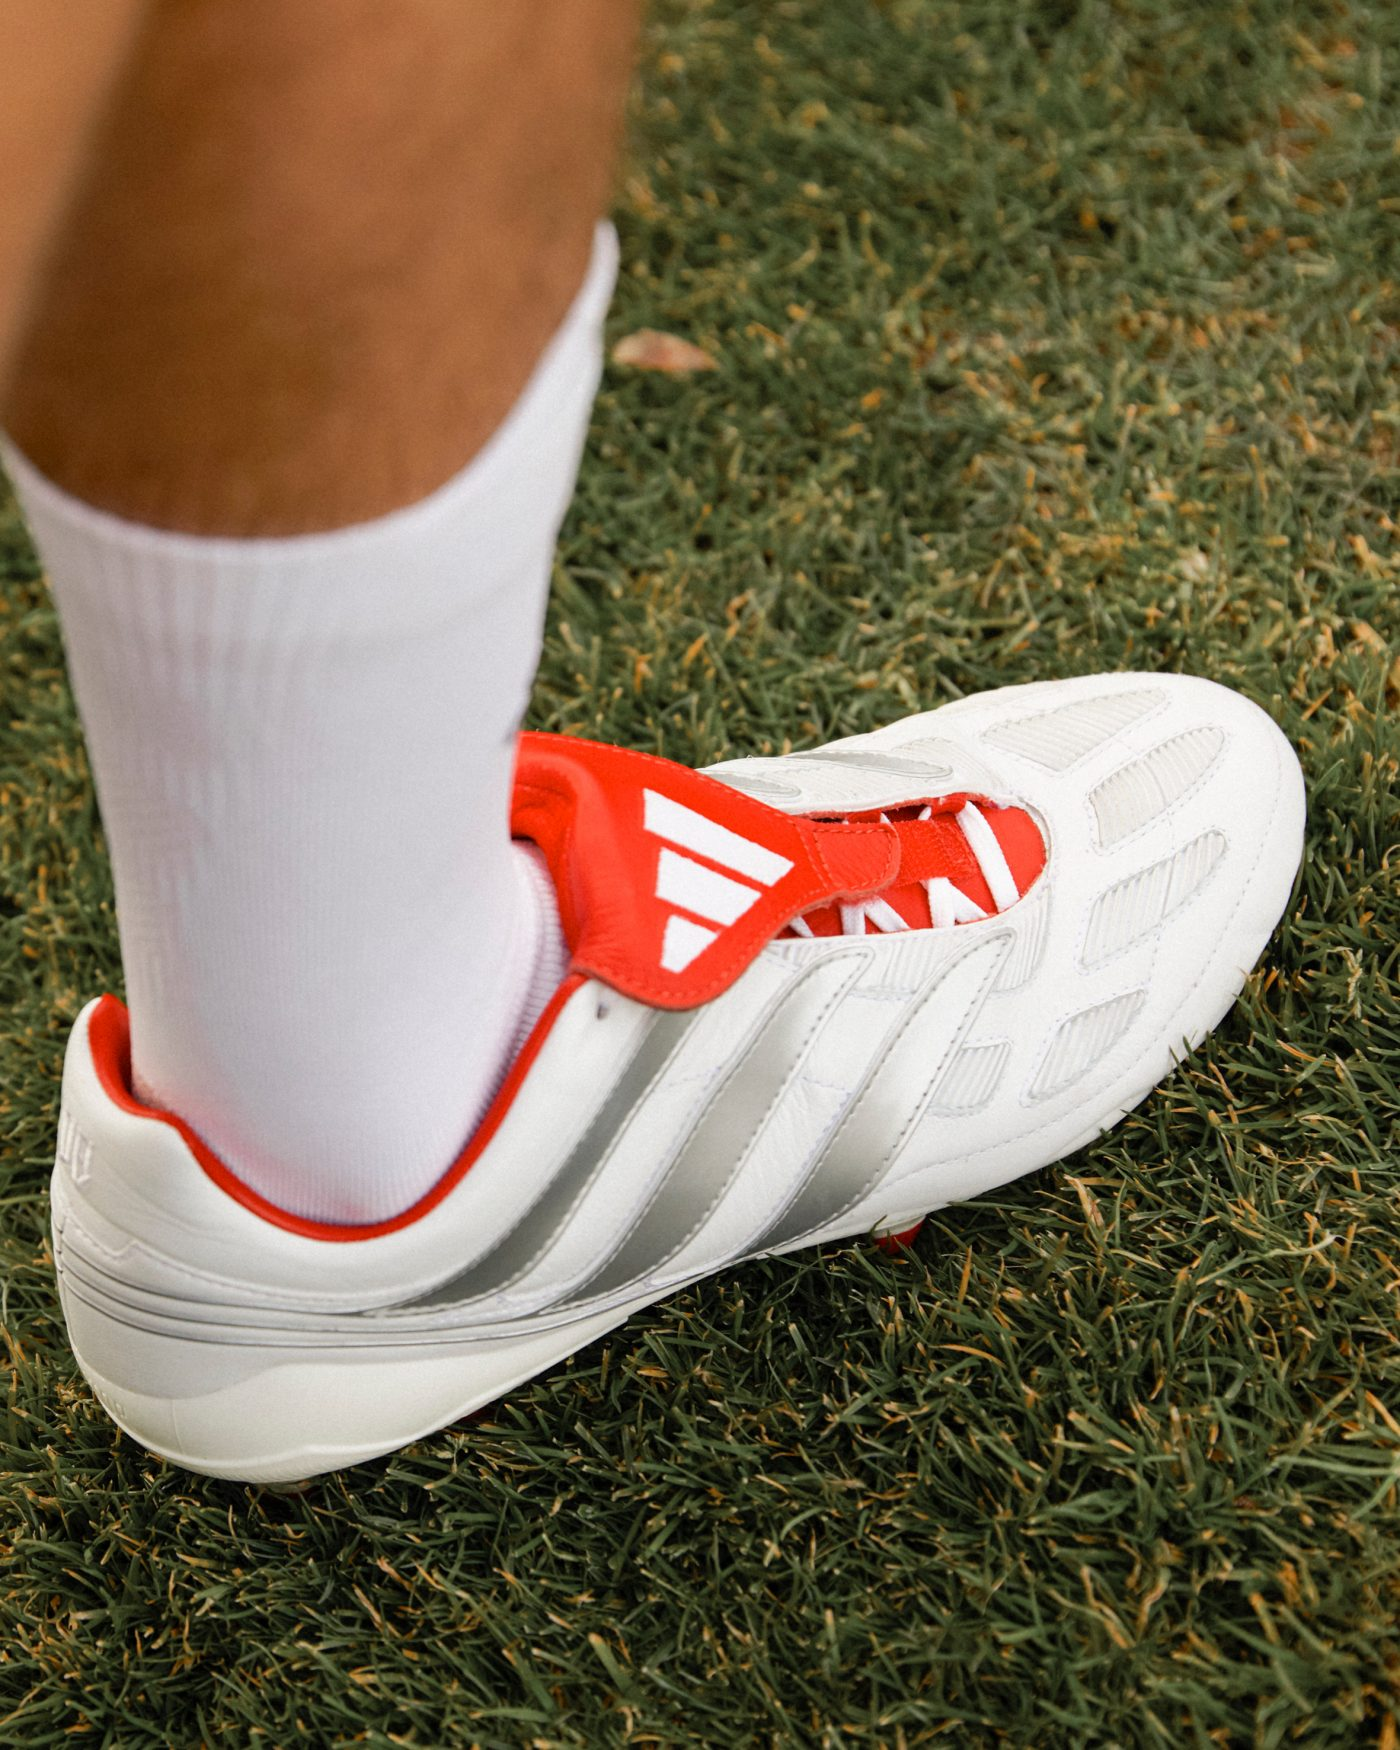 adidas-predator-precision-david-beckham-25-ans-predator-4